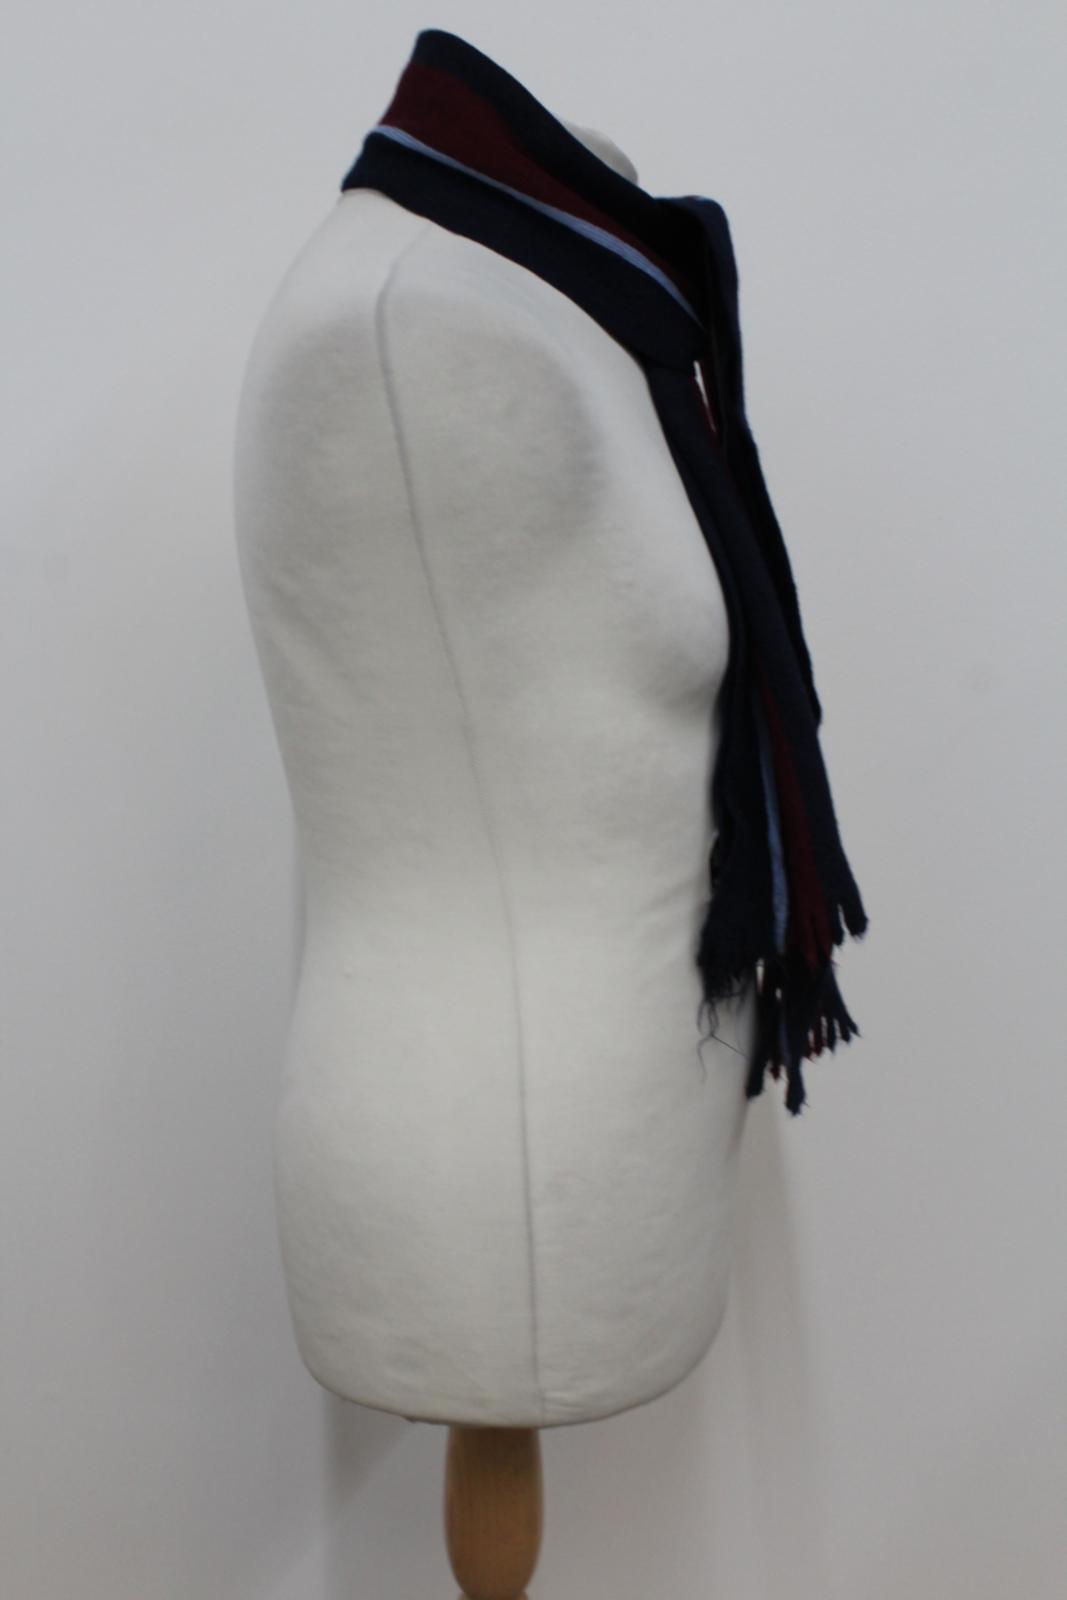 Hilltop-Homme-Bleu-amp-Rouge-Laine-depouille-rectangulaire-Tricot-echarpe-152-cm-x-20-cm miniature 7